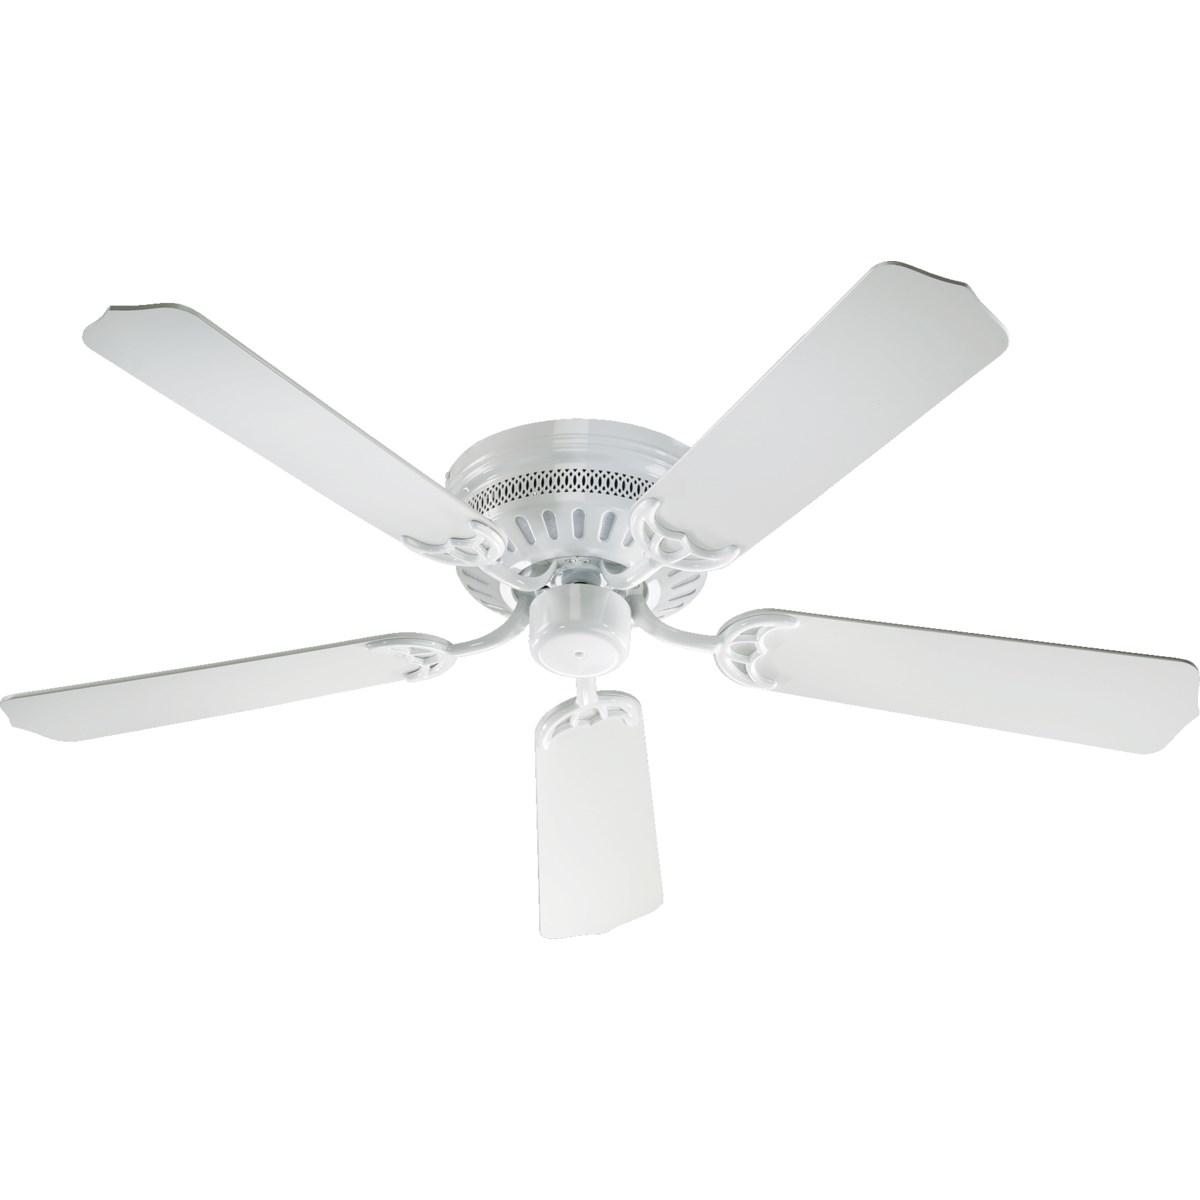 Custom Hugger 52-in 5 Blade White Traditional Ceiling Fan